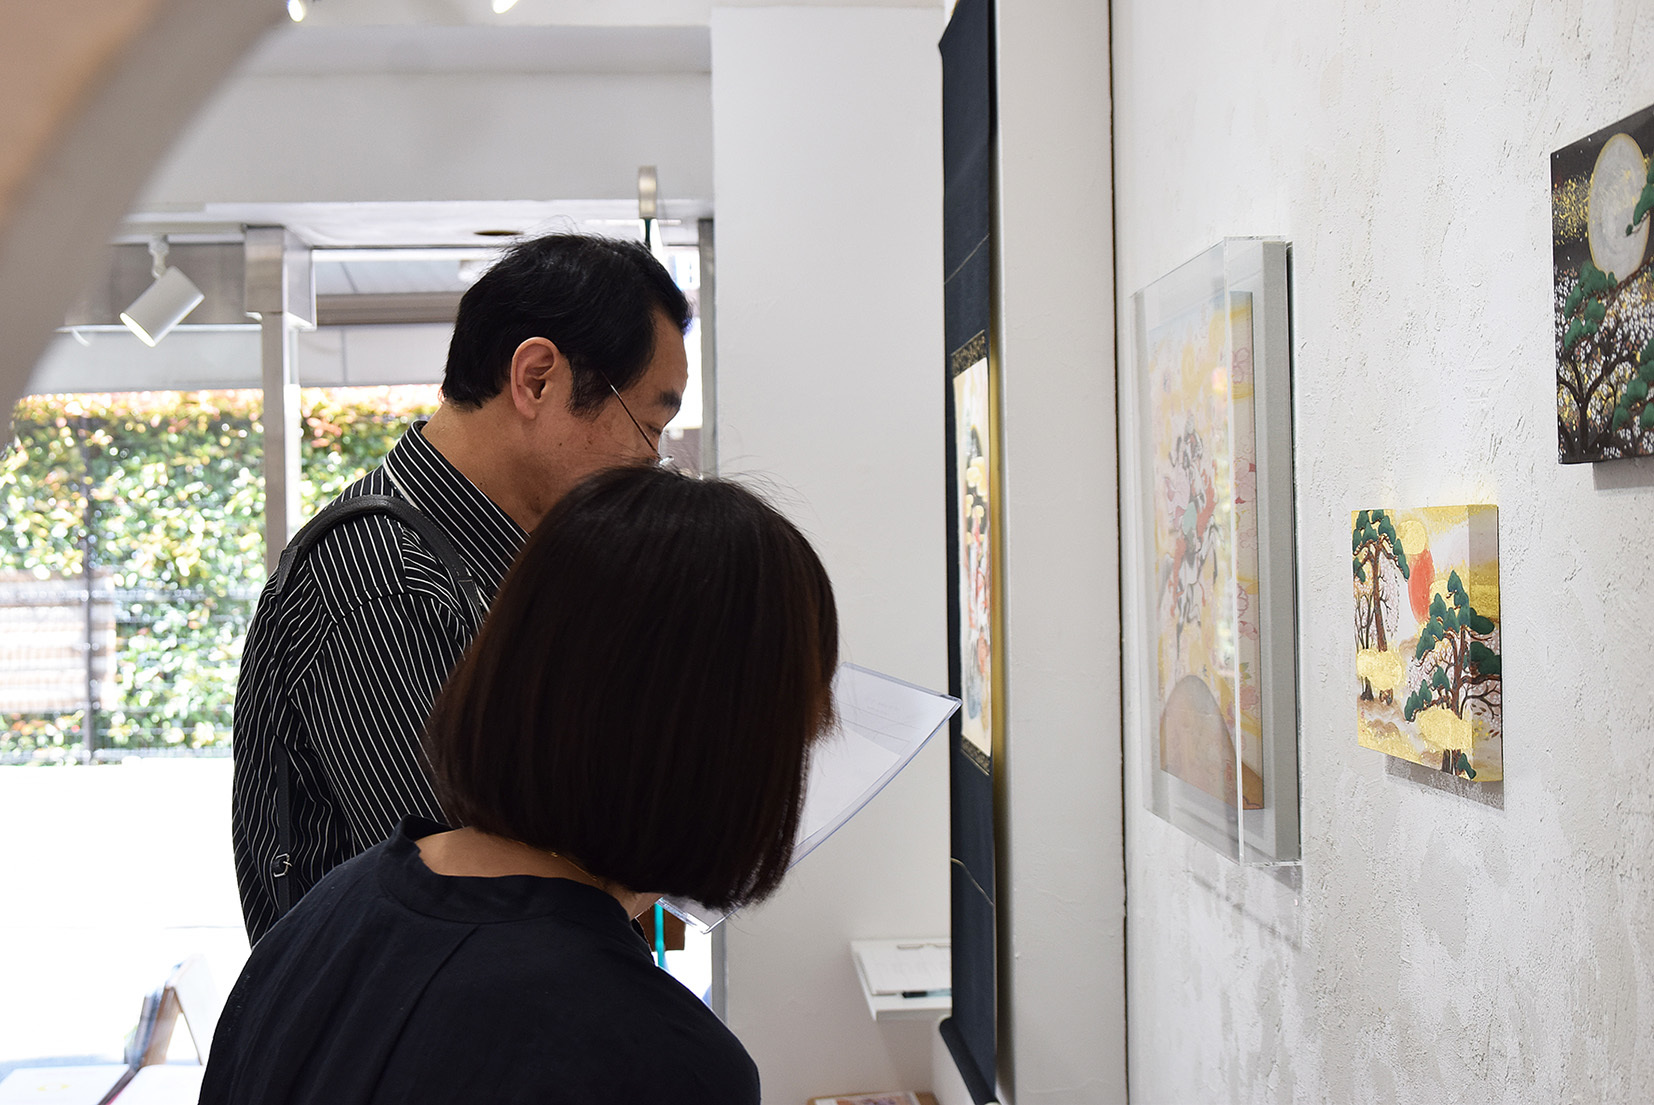 中沢 梓 大和絵展 「刻一刻」@4日目_e0272050_15595609.jpg